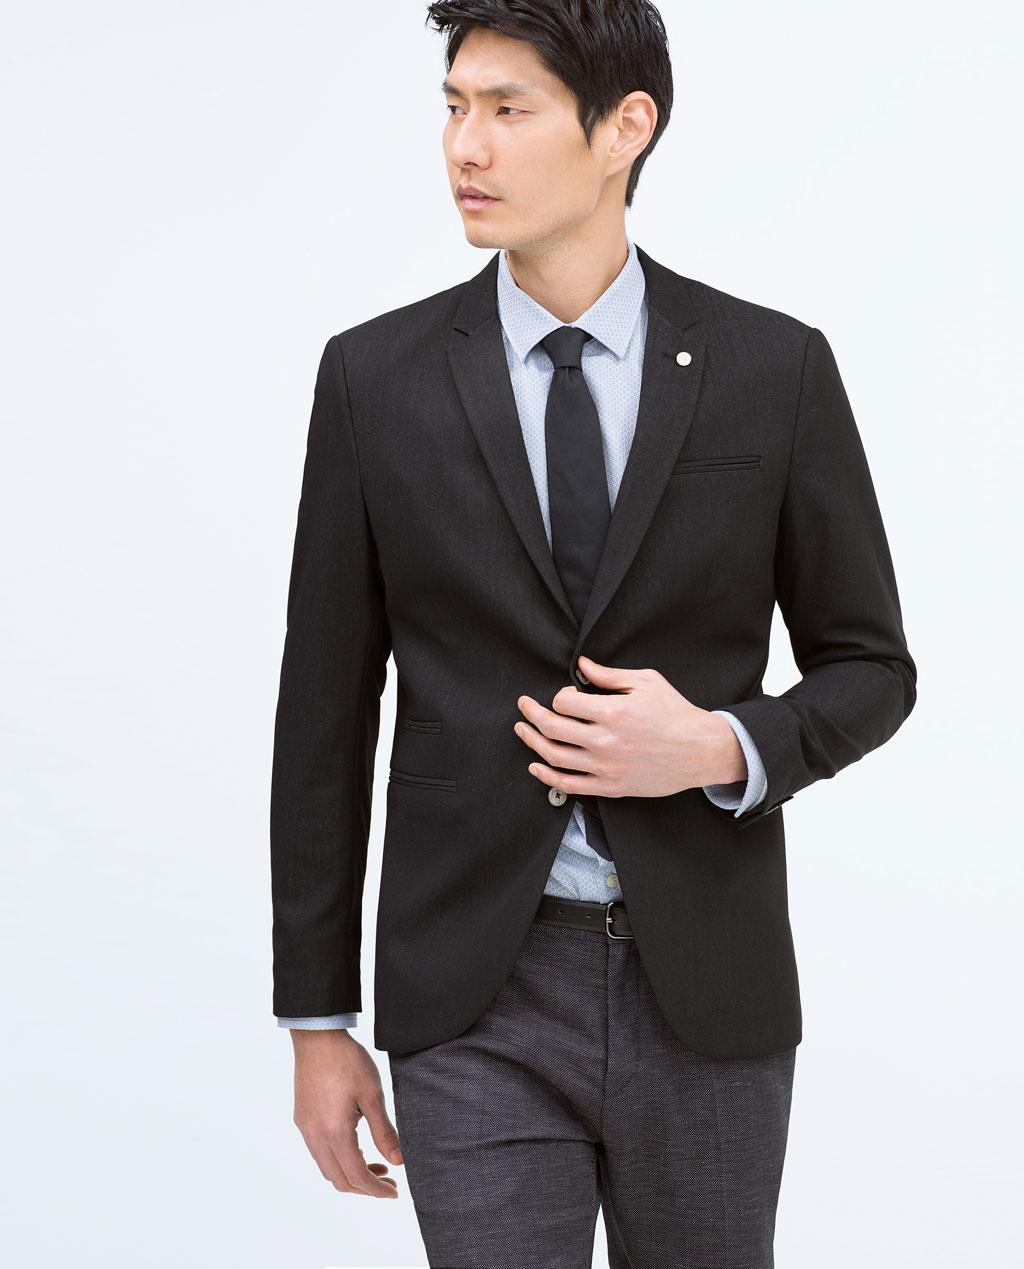 Blazer Zara style denim broche revers Indigo Foncé